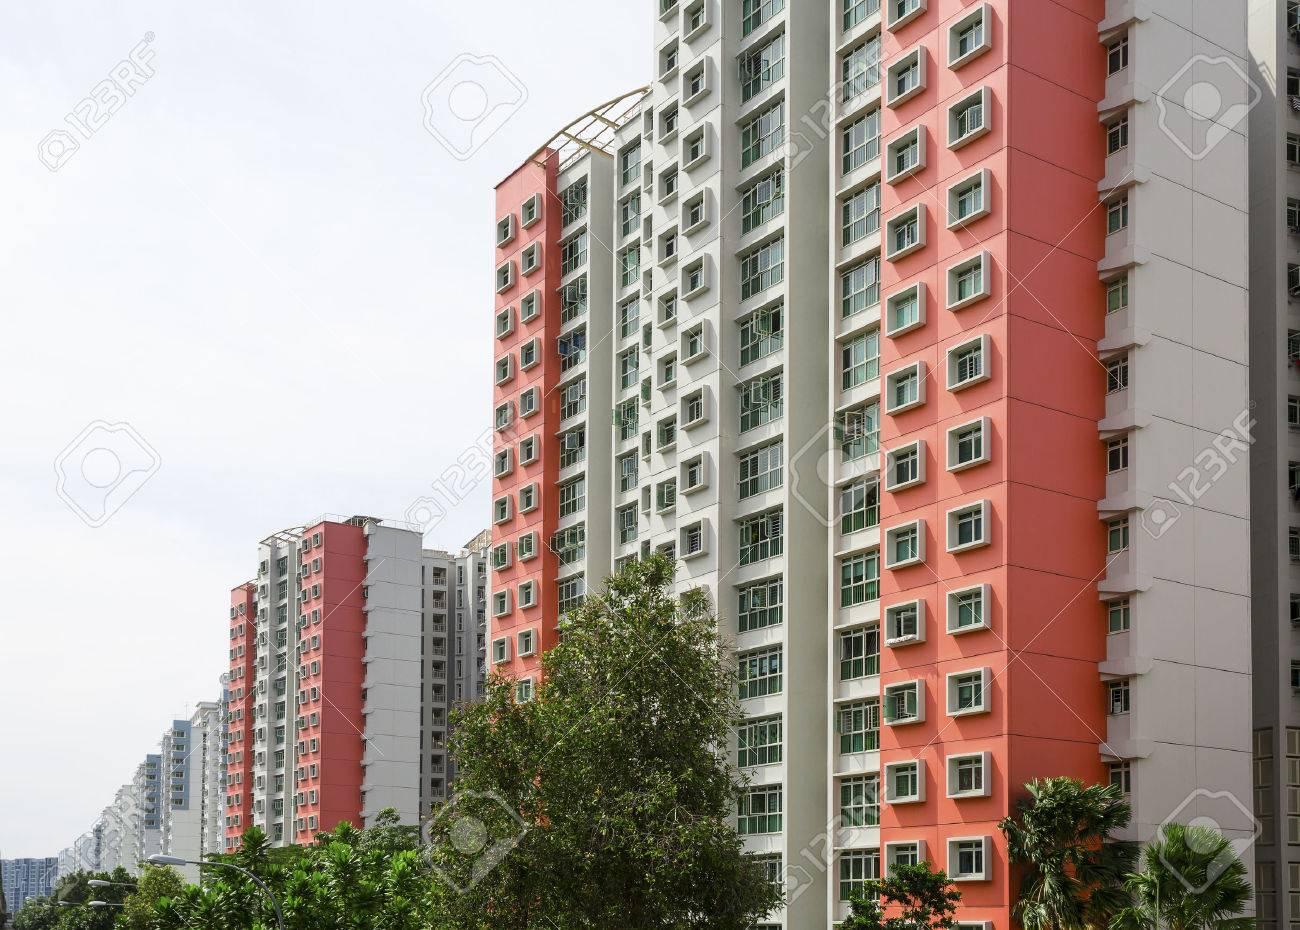 Eine Reihe von roten Farbe Gehäuse Wohnung Standard-Bild - 22874625